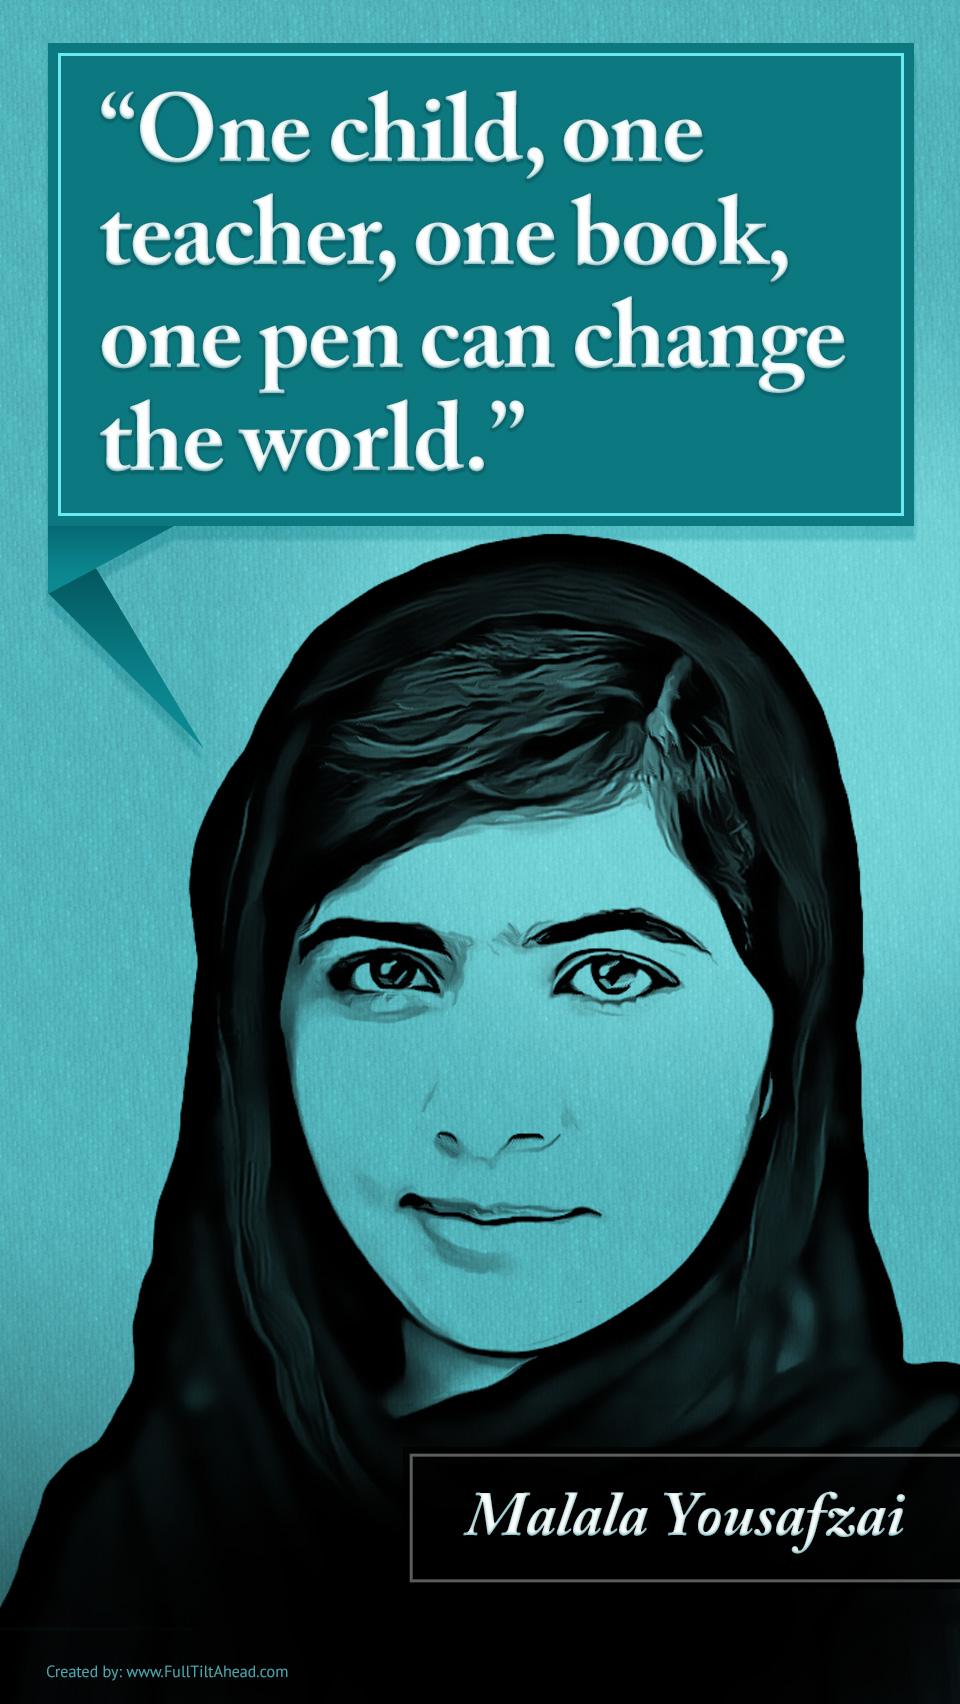 malala yousafzai change the world